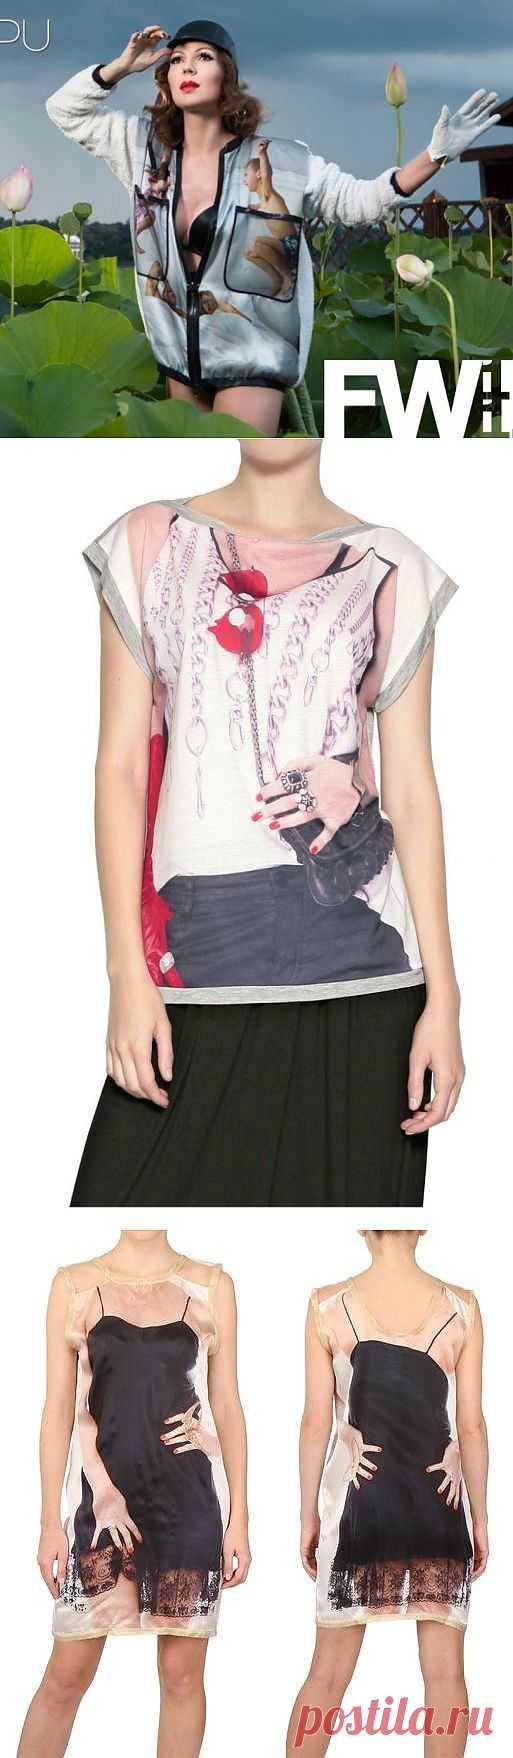 Принты одежды (трафик) / Рисунки и надписи / Модный сайт о стильной переделке одежды и интерьера